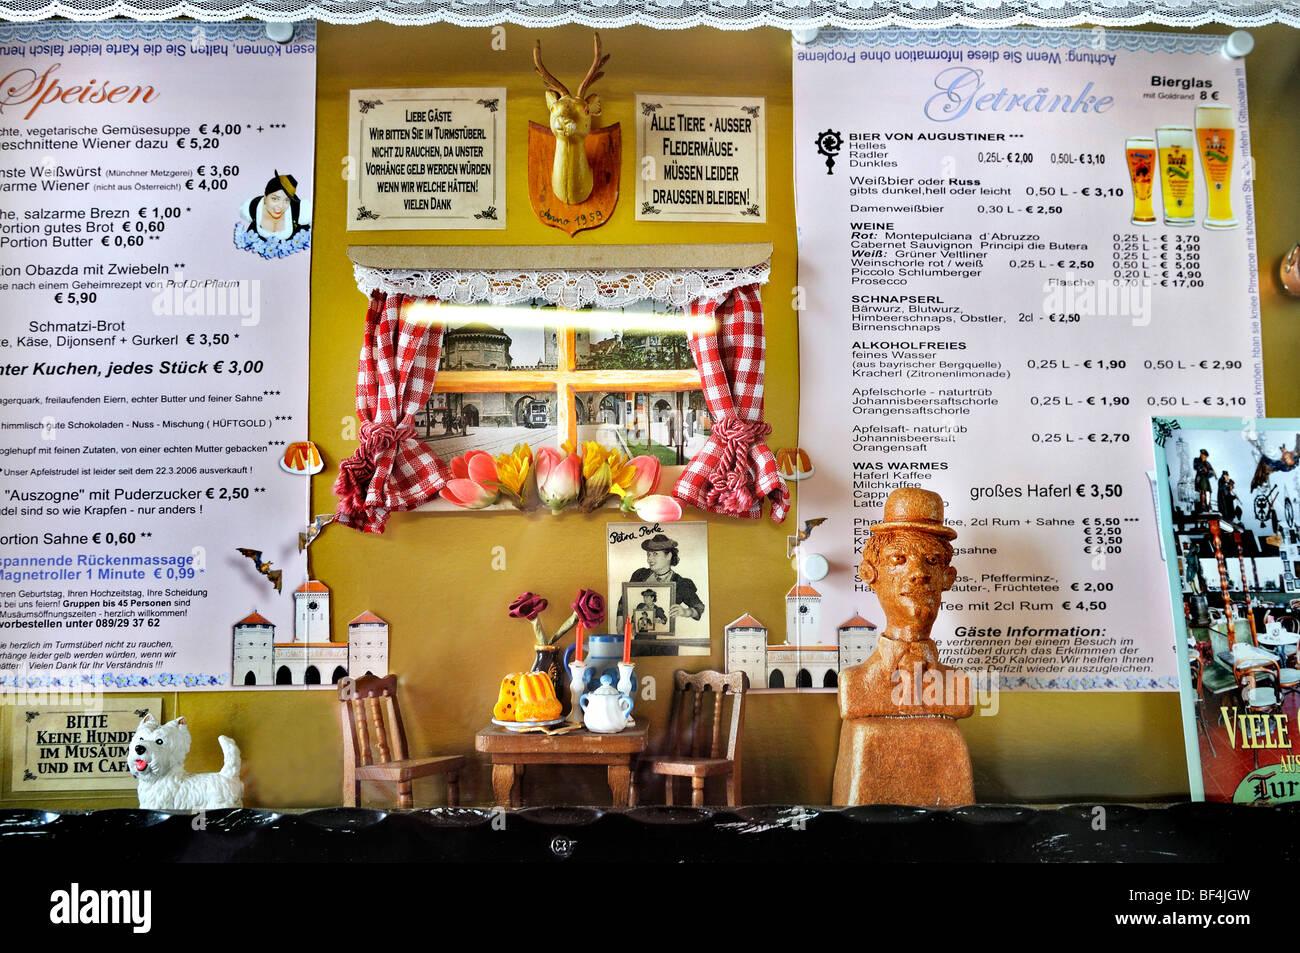 Essen und trinken Menüs, Valentin Karlstadt Musaeum am Isartor Tor, München, Bayern, Deutschland, Europa Stockbild